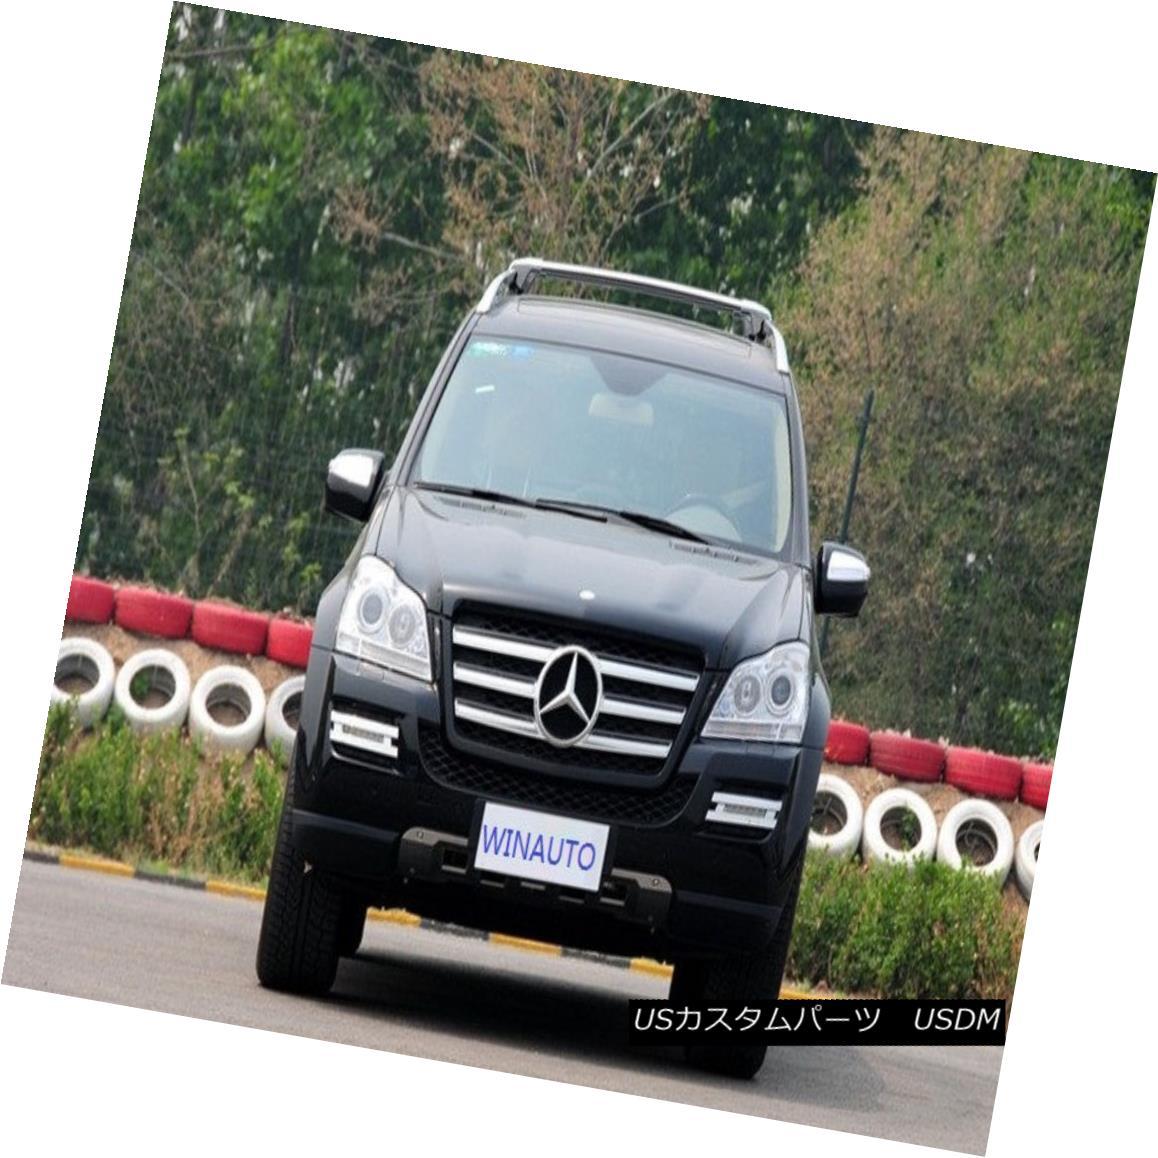 エアロパーツ DRL LED Driving Daytime Running Light/Lamp For Benz GL450 2006-2011 ベンツGL450 2006-2011のDRL LED昼間走行ライト/ランプ